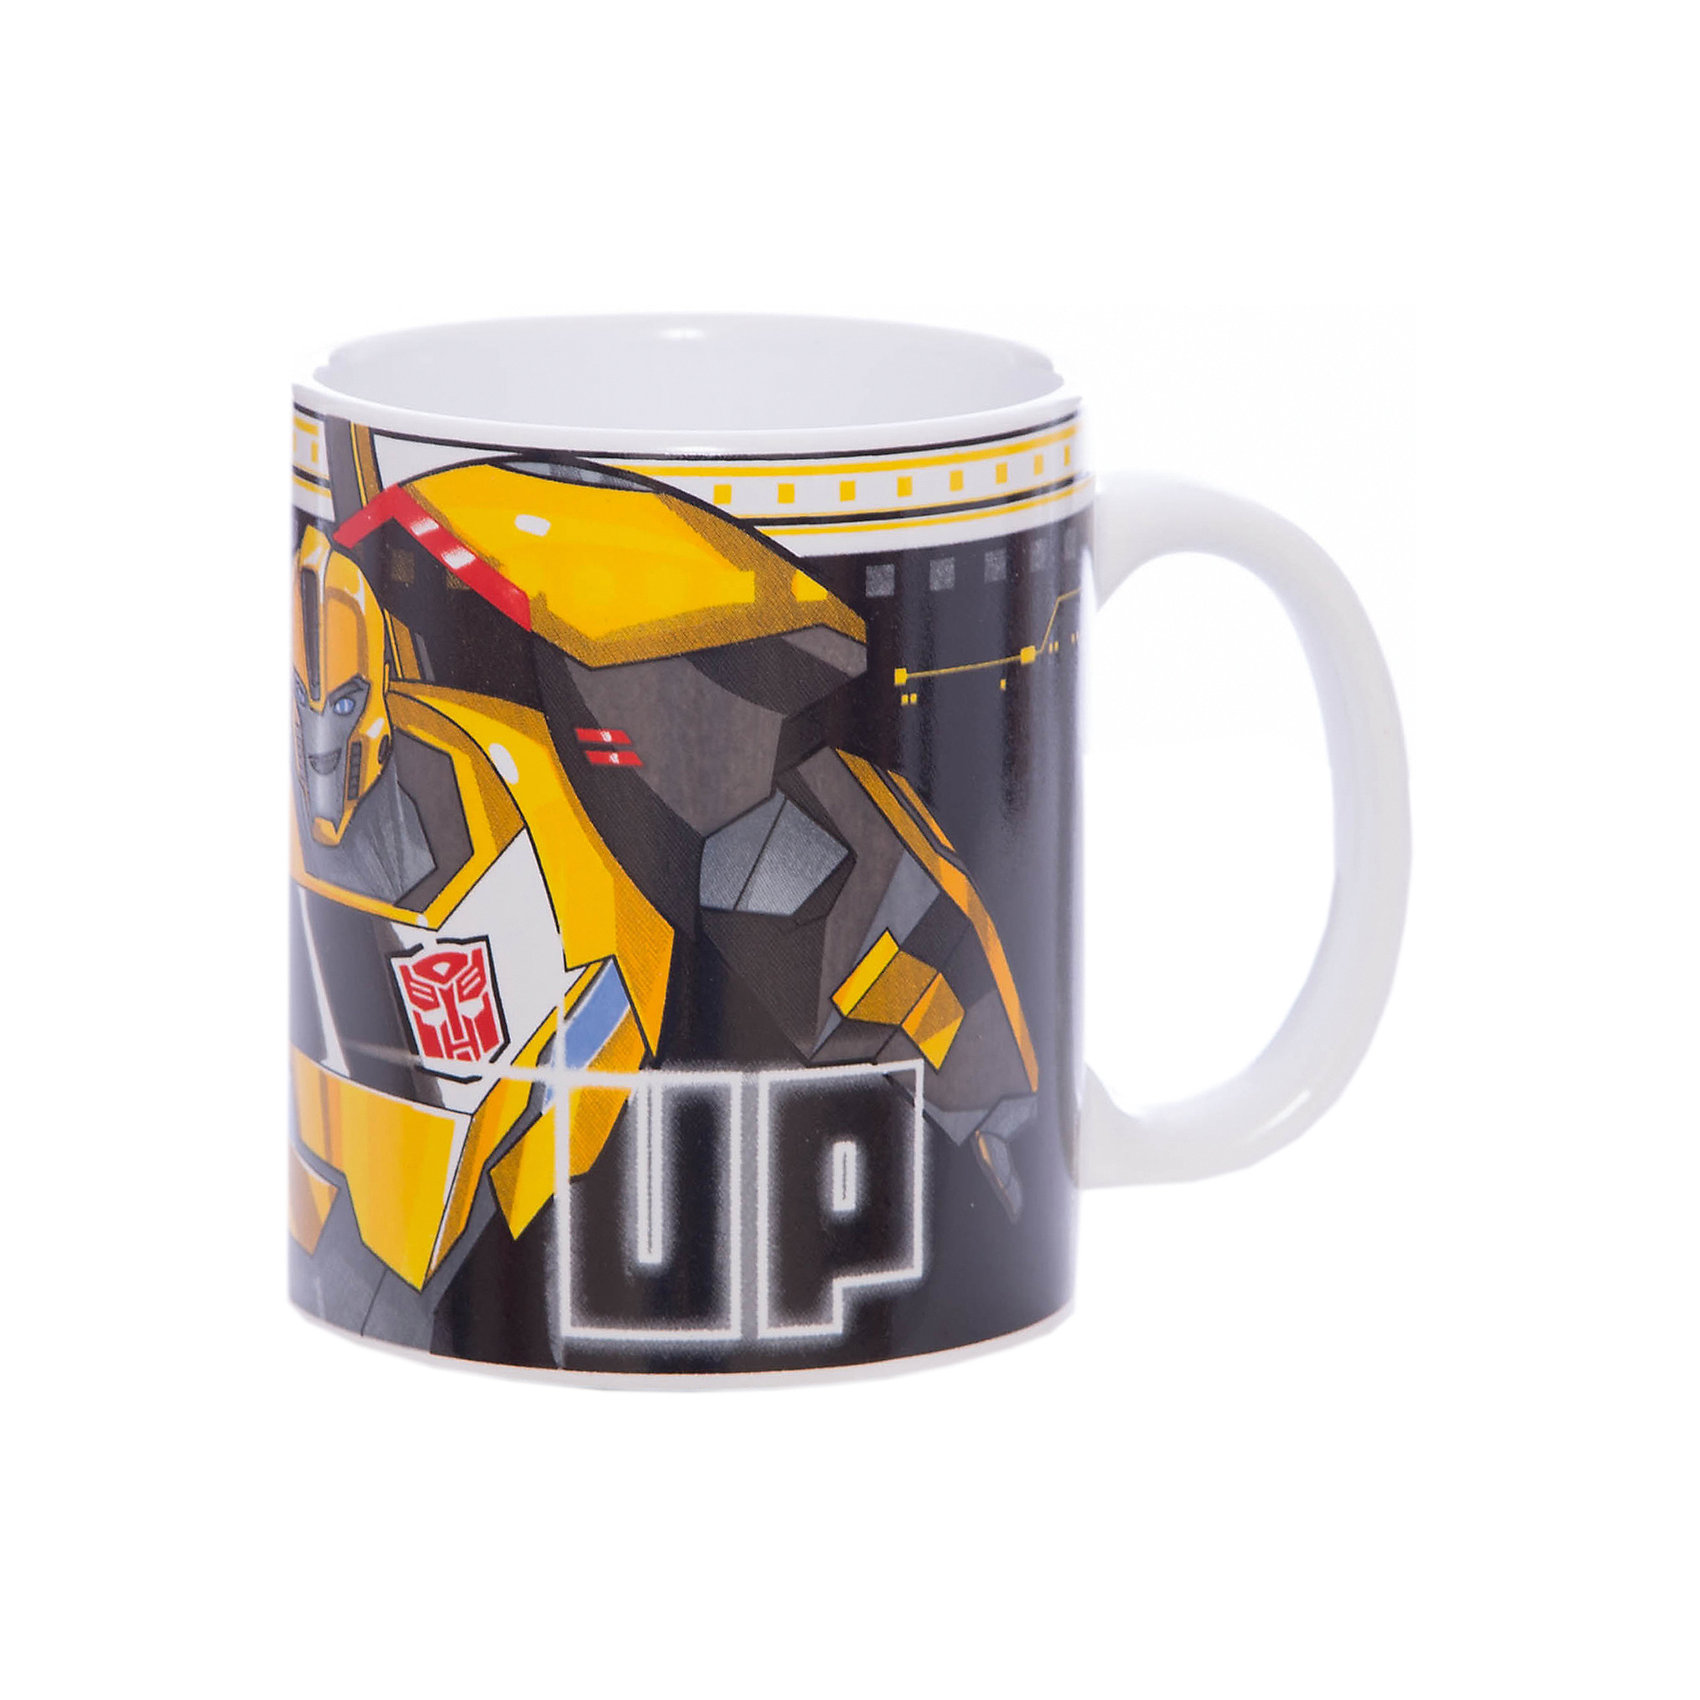 Кружка Transformers Роботы под прикрытием. Team up, 350 мл.Посуда<br>Характеристики:<br><br>• Материал: керамика<br>• Тематика рисунка: Трансформеры<br>• Можно использовать для горячих и холодных напитков<br>• Объем: 350 мл<br>• Вес: 323 г<br>• Размеры (Д*Ш*В): 12*8,2*9,5 см<br>• Особенности ухода: можно мыть в посудомоечной машине<br><br>Кружка Transformers Роботы под прикрытием. Team up, 350 мл выполнена в стильном дизайне: на синий корпус нанесено изображение героев популярного мультсериала Трансформеры. Изображение детально отражает облик экранного прототипа, устойчиво к появлению царапин, не выцветает при частом мытье. <br><br>Кружку Transformers Роботы под прикрытием. Team up, 350 мл можно купить в нашем интернет-магазине.<br><br>Ширина мм: 120<br>Глубина мм: 82<br>Высота мм: 95<br>Вес г: 323<br>Возраст от месяцев: 36<br>Возраст до месяцев: 1188<br>Пол: Мужской<br>Возраст: Детский<br>SKU: 6849969